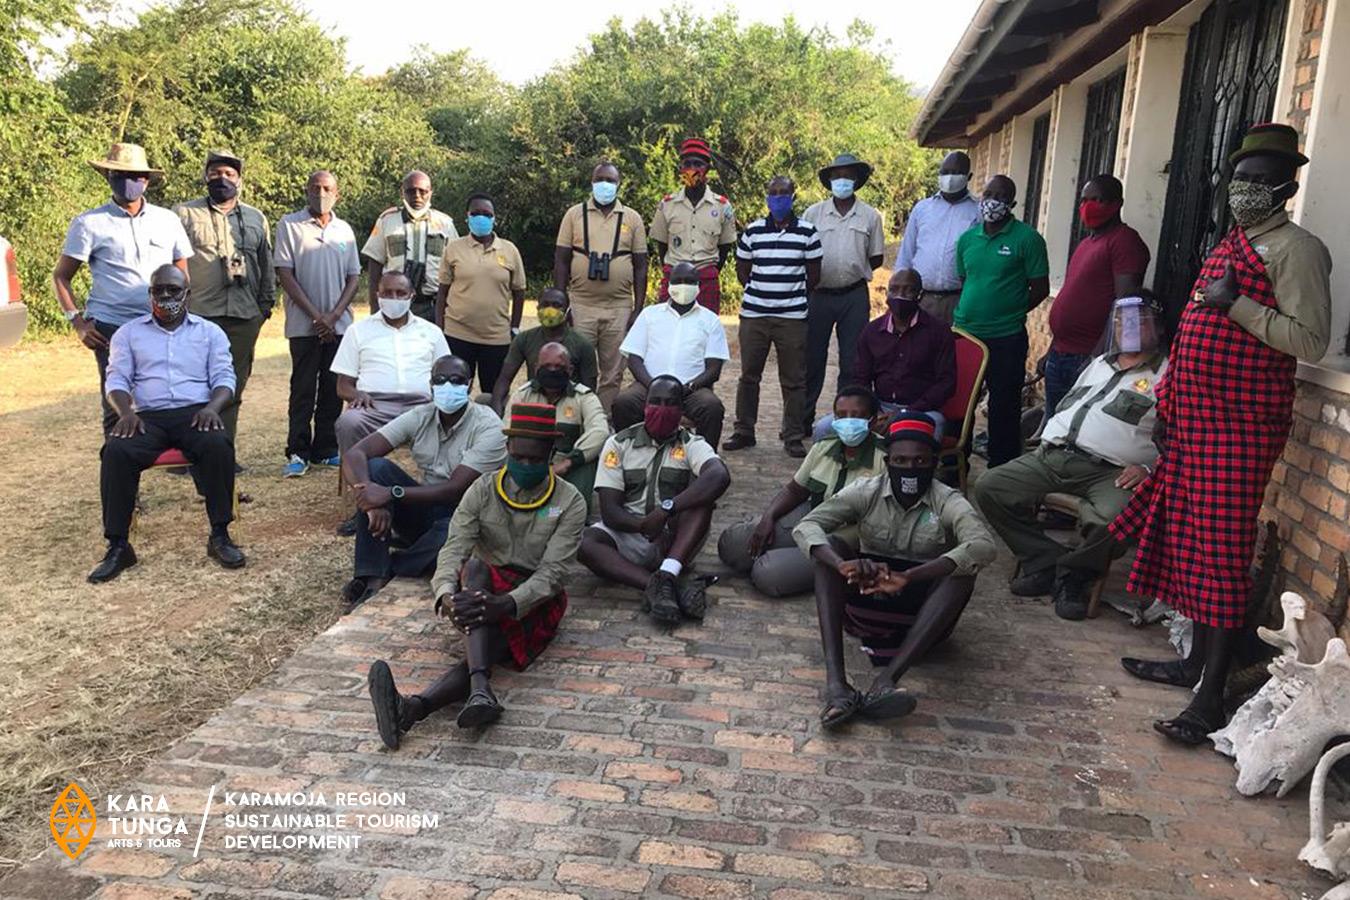 kara-tunga-dit-tour-guide-atp-assessers-training-karamoja-uganda-academy-3